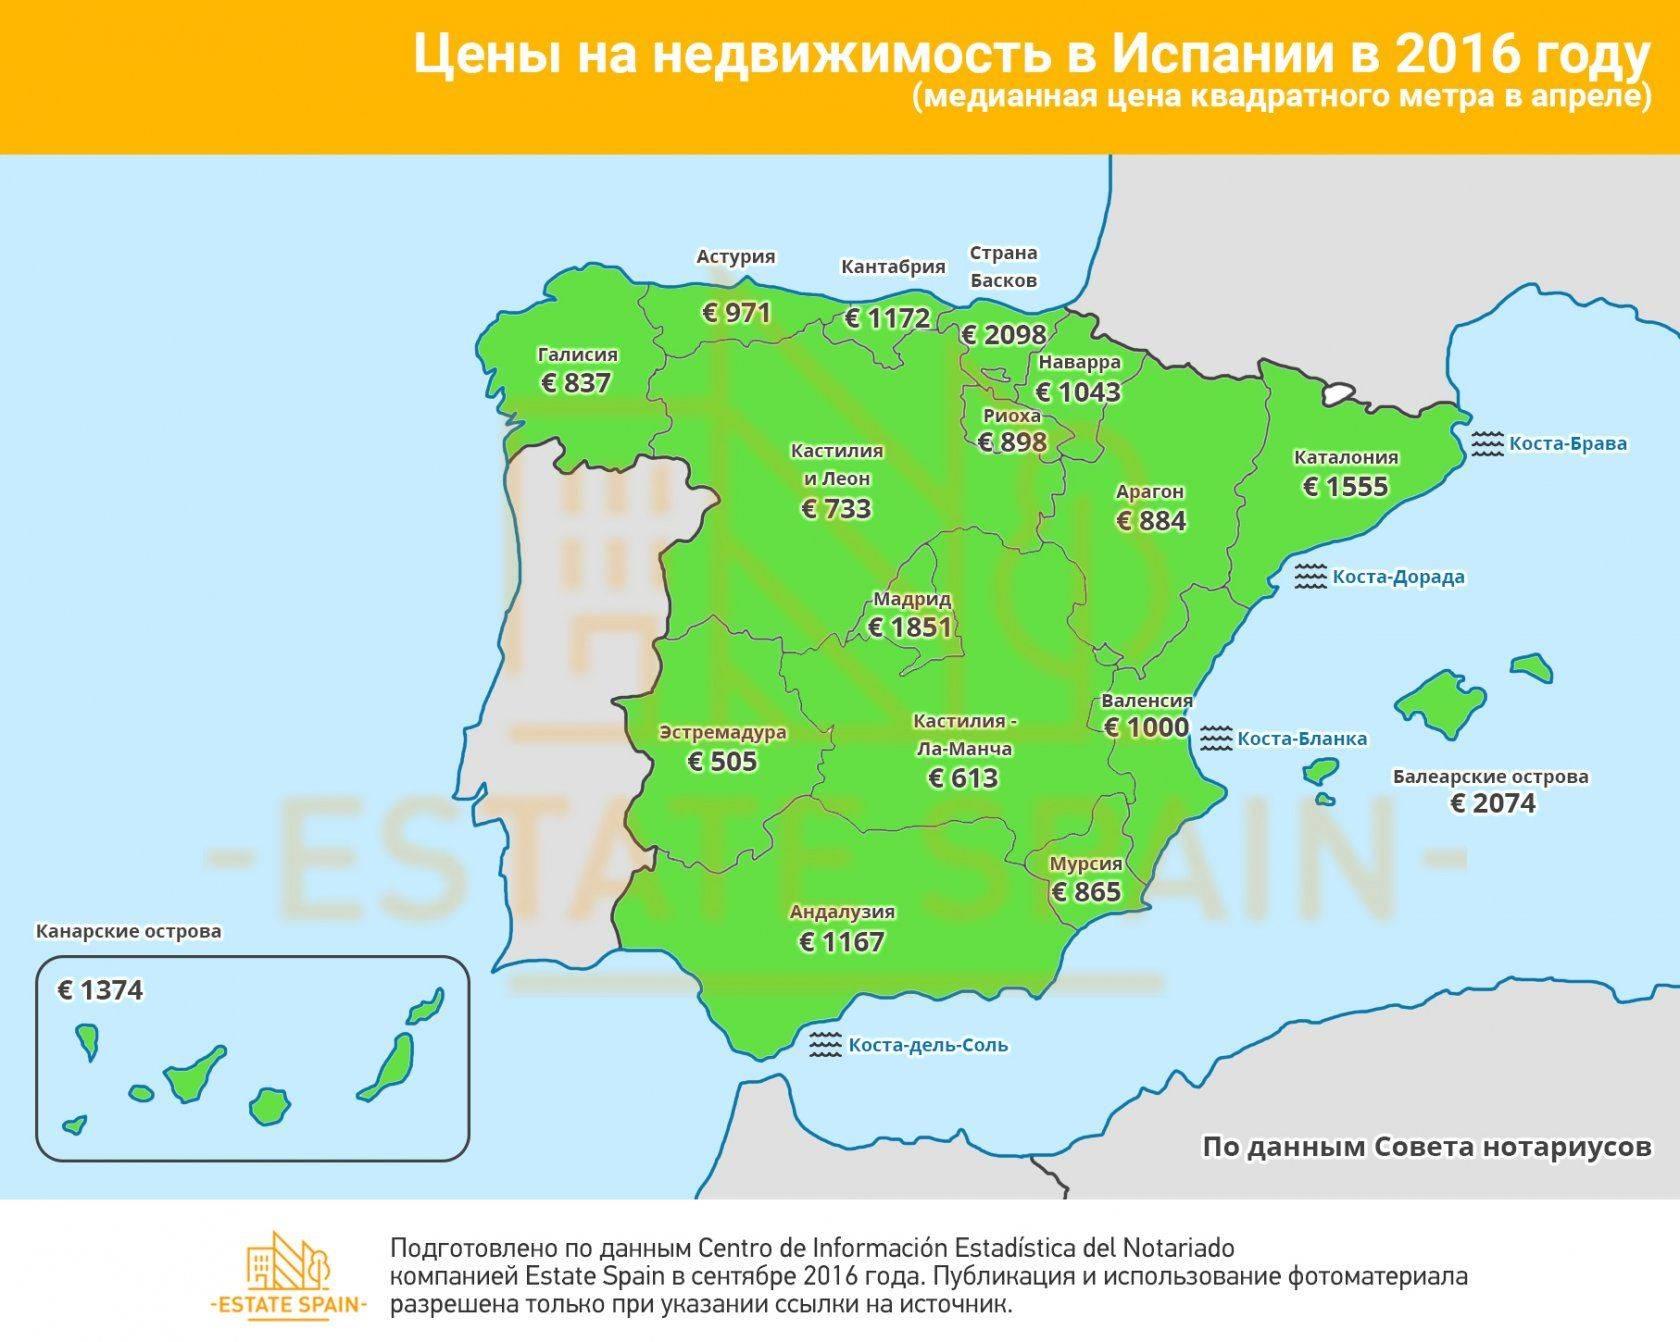 Рынок труда в испании 2020: профессии, зарплаты и налоги